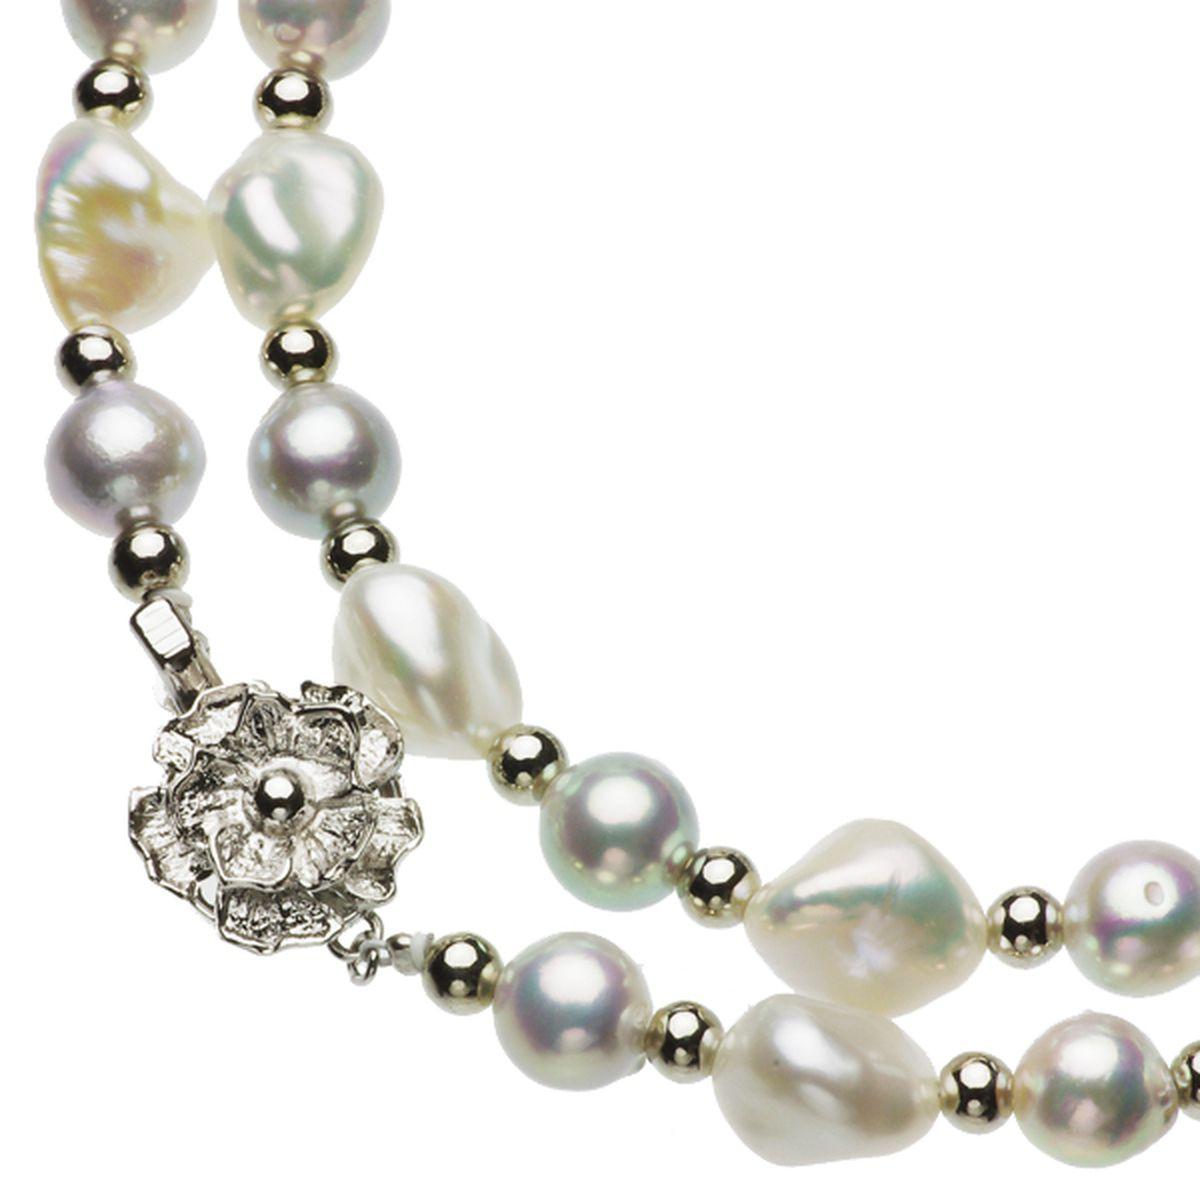 アコヤ真珠オリジナルデザインネックレス 約7.5-8.0mmの写真